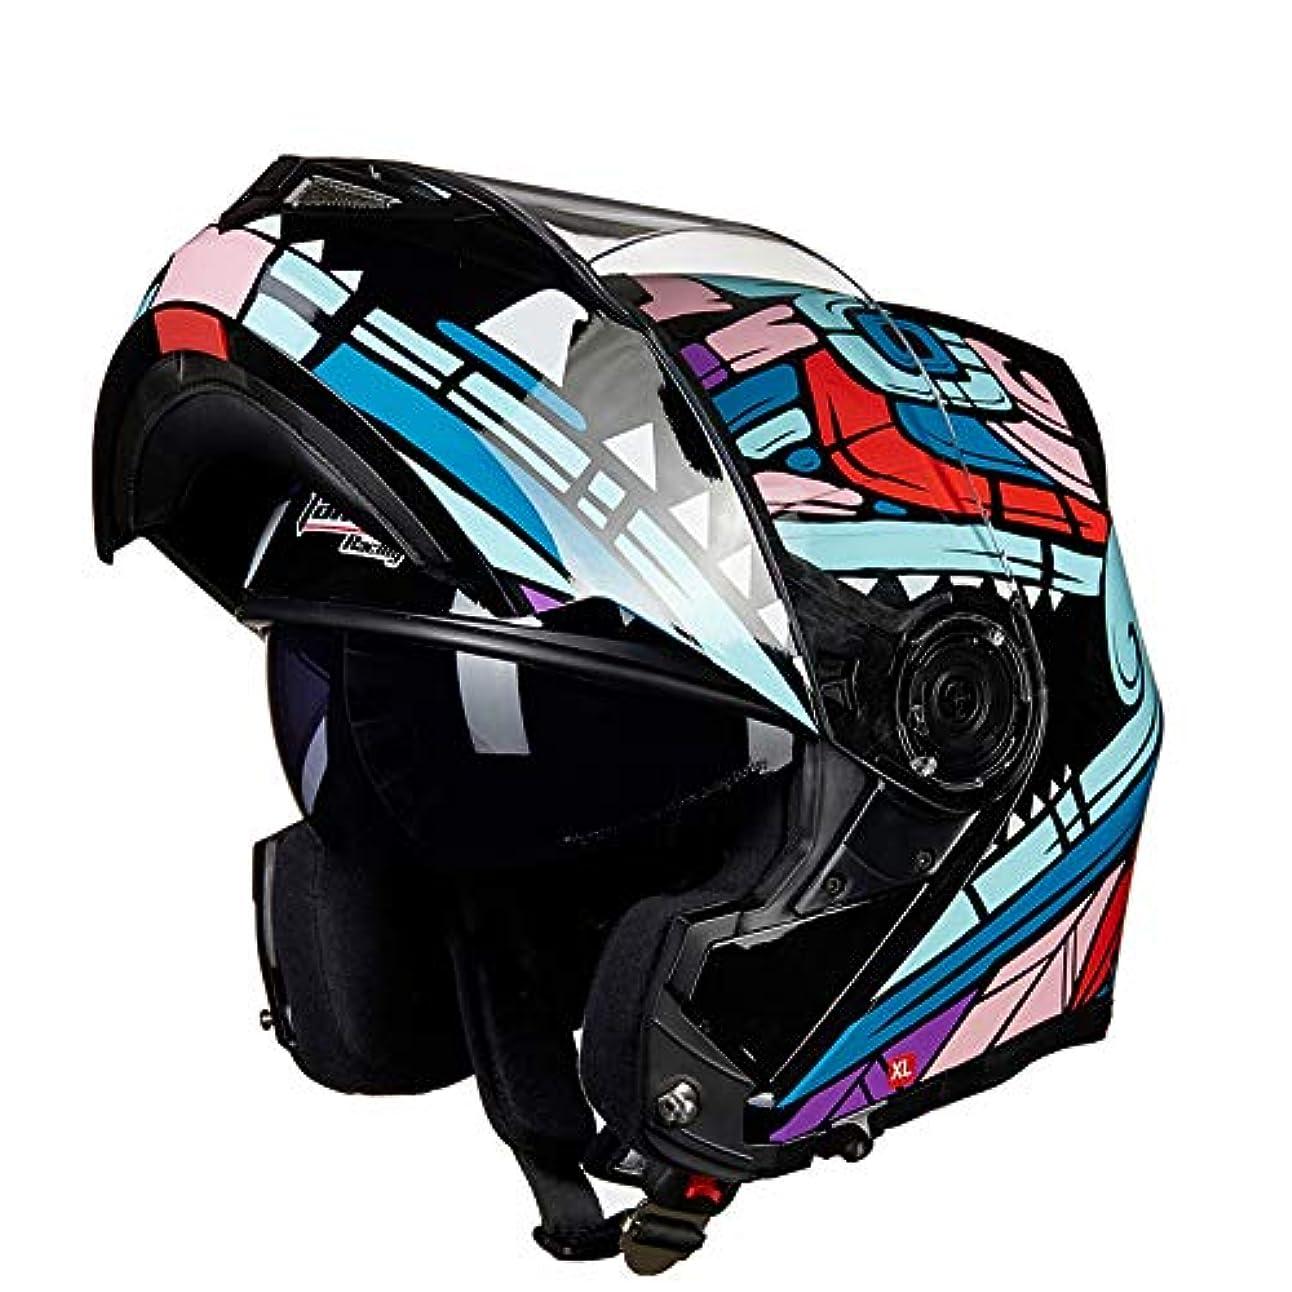 がっかりするケープ間違いHYH カラー落書きオートバイフルフェイスヘルメットメンズダブルレンズオープンフェイスヘルメットフルカバー機関車オフロードヘルメット四季ユニバーサル いい人生 (Size : L)